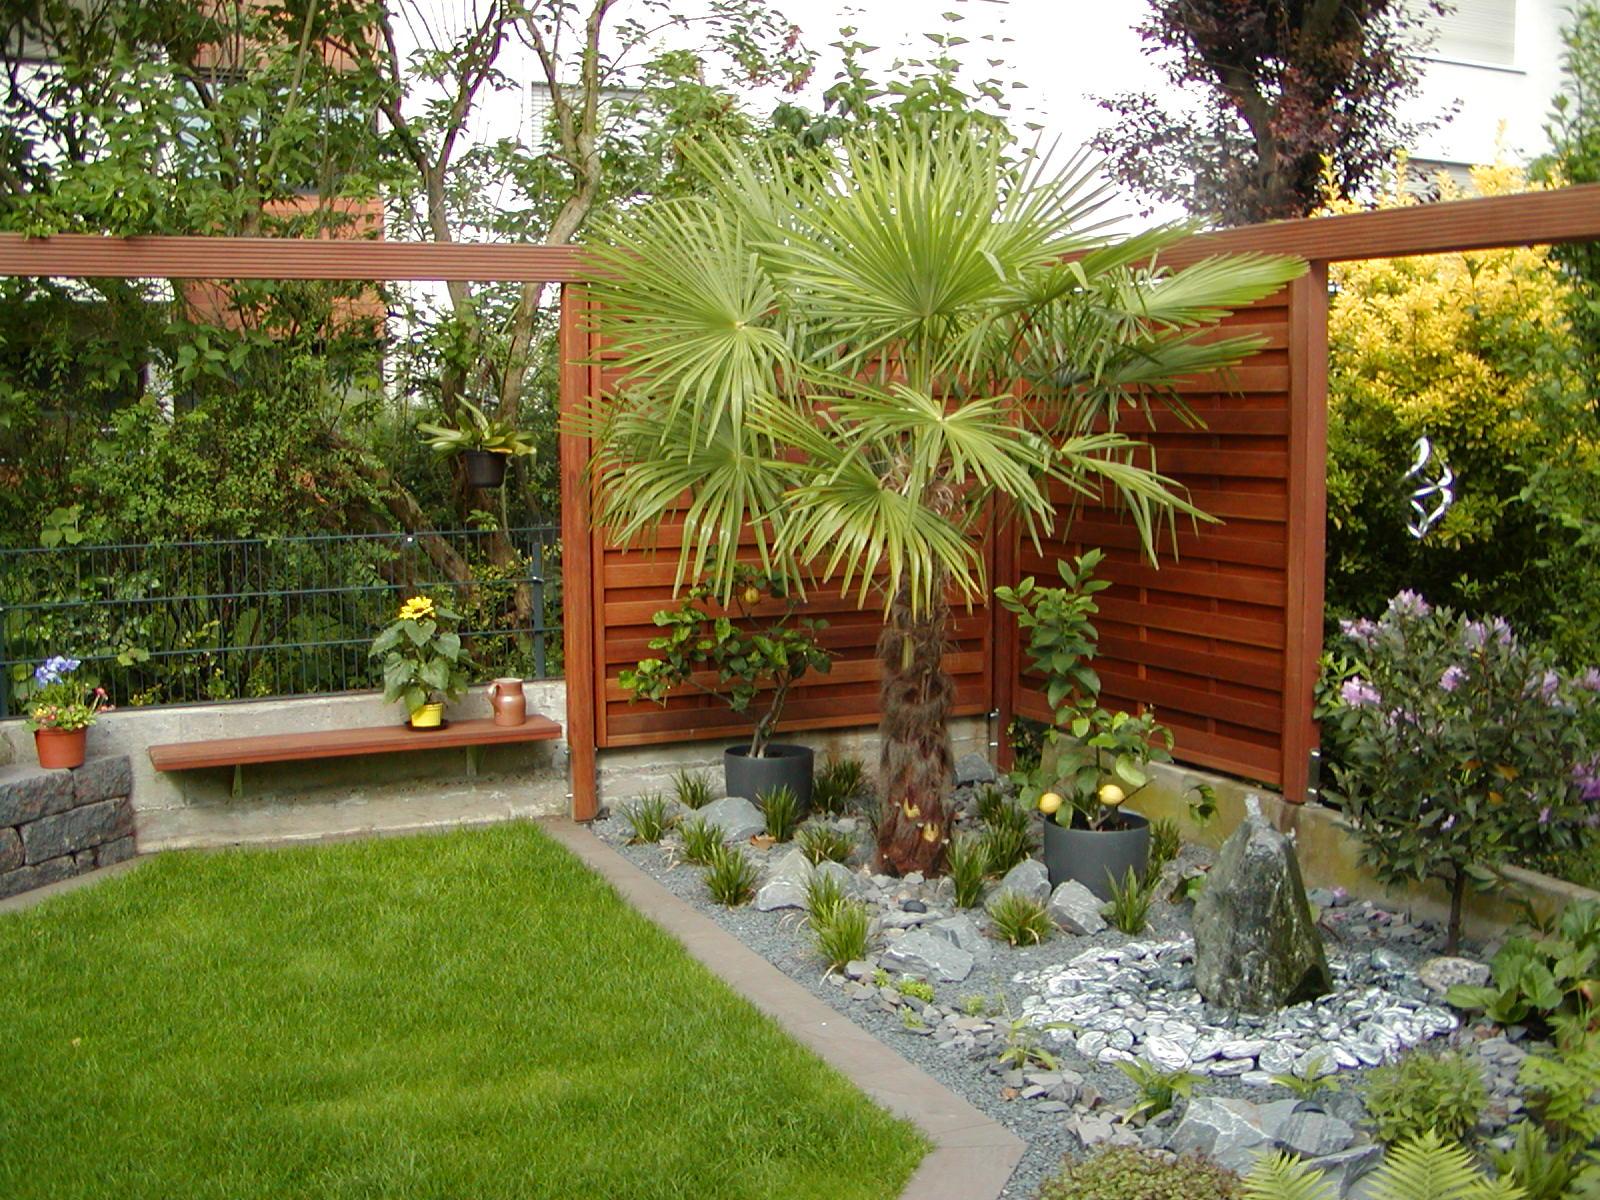 pflanzen in nanopics pflegeleichter vorgarten mit buxbaumkugeln. Black Bedroom Furniture Sets. Home Design Ideas